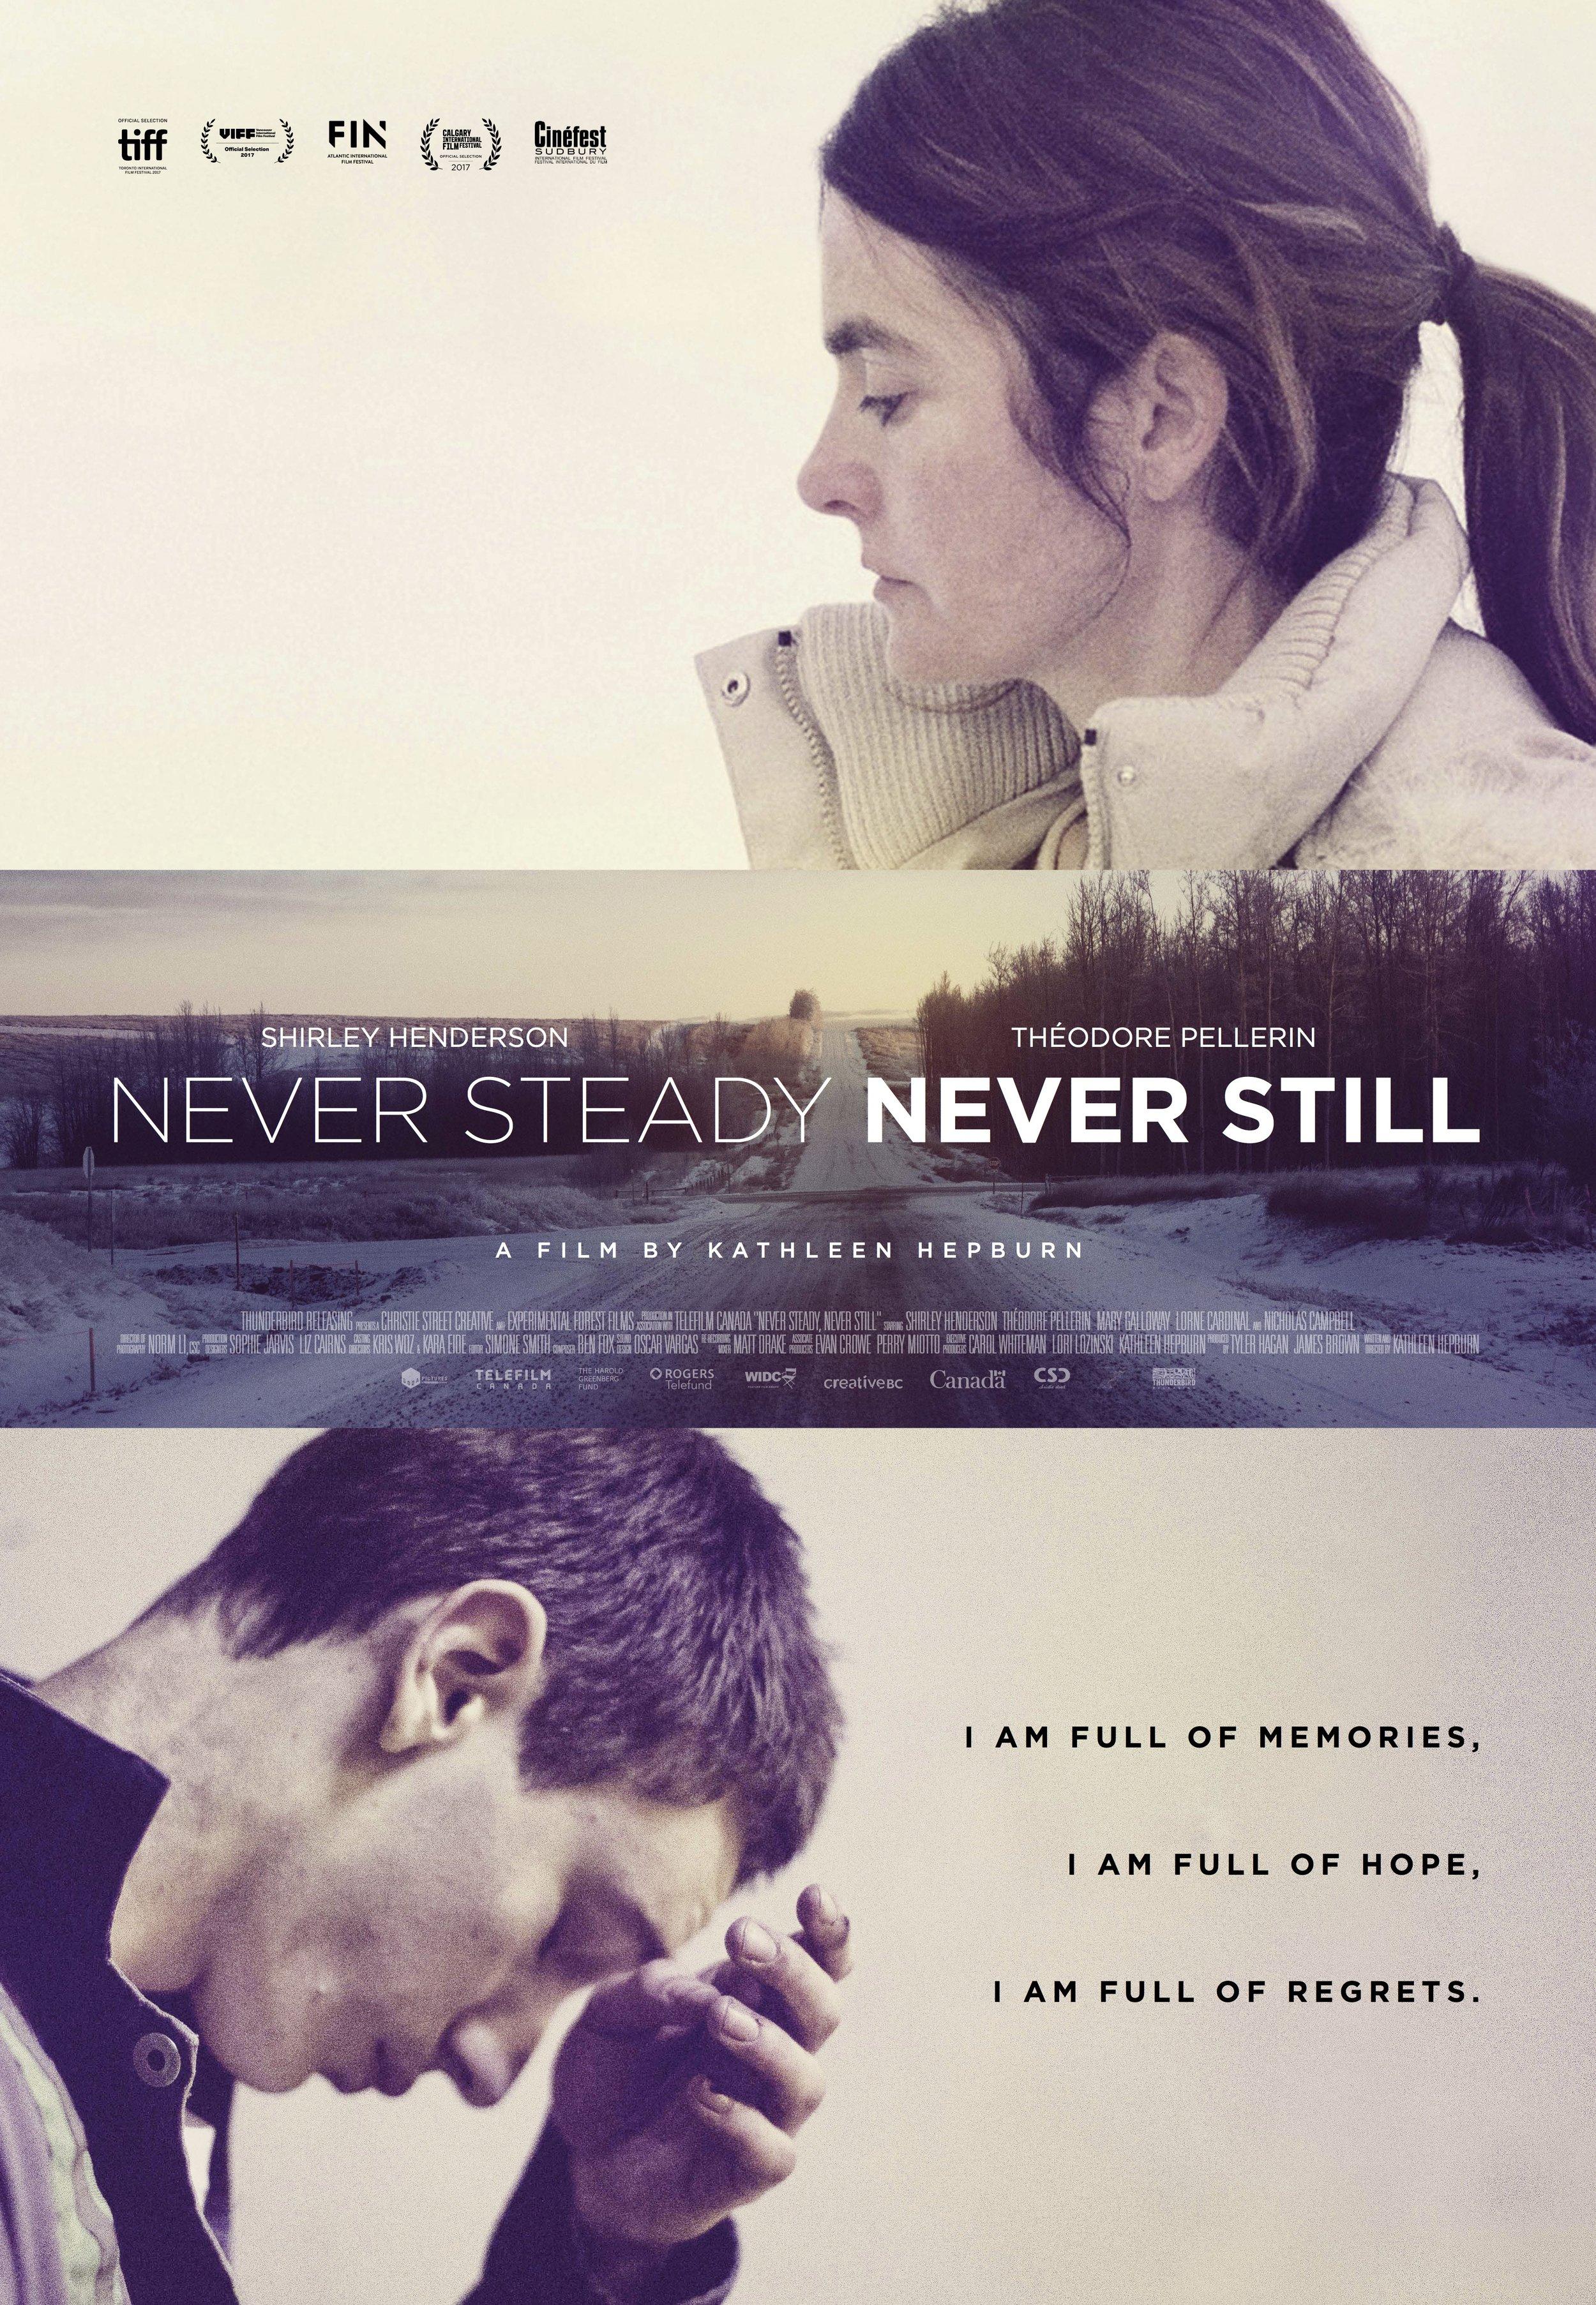 NeverSteadyNeverStill_Poster.jpg